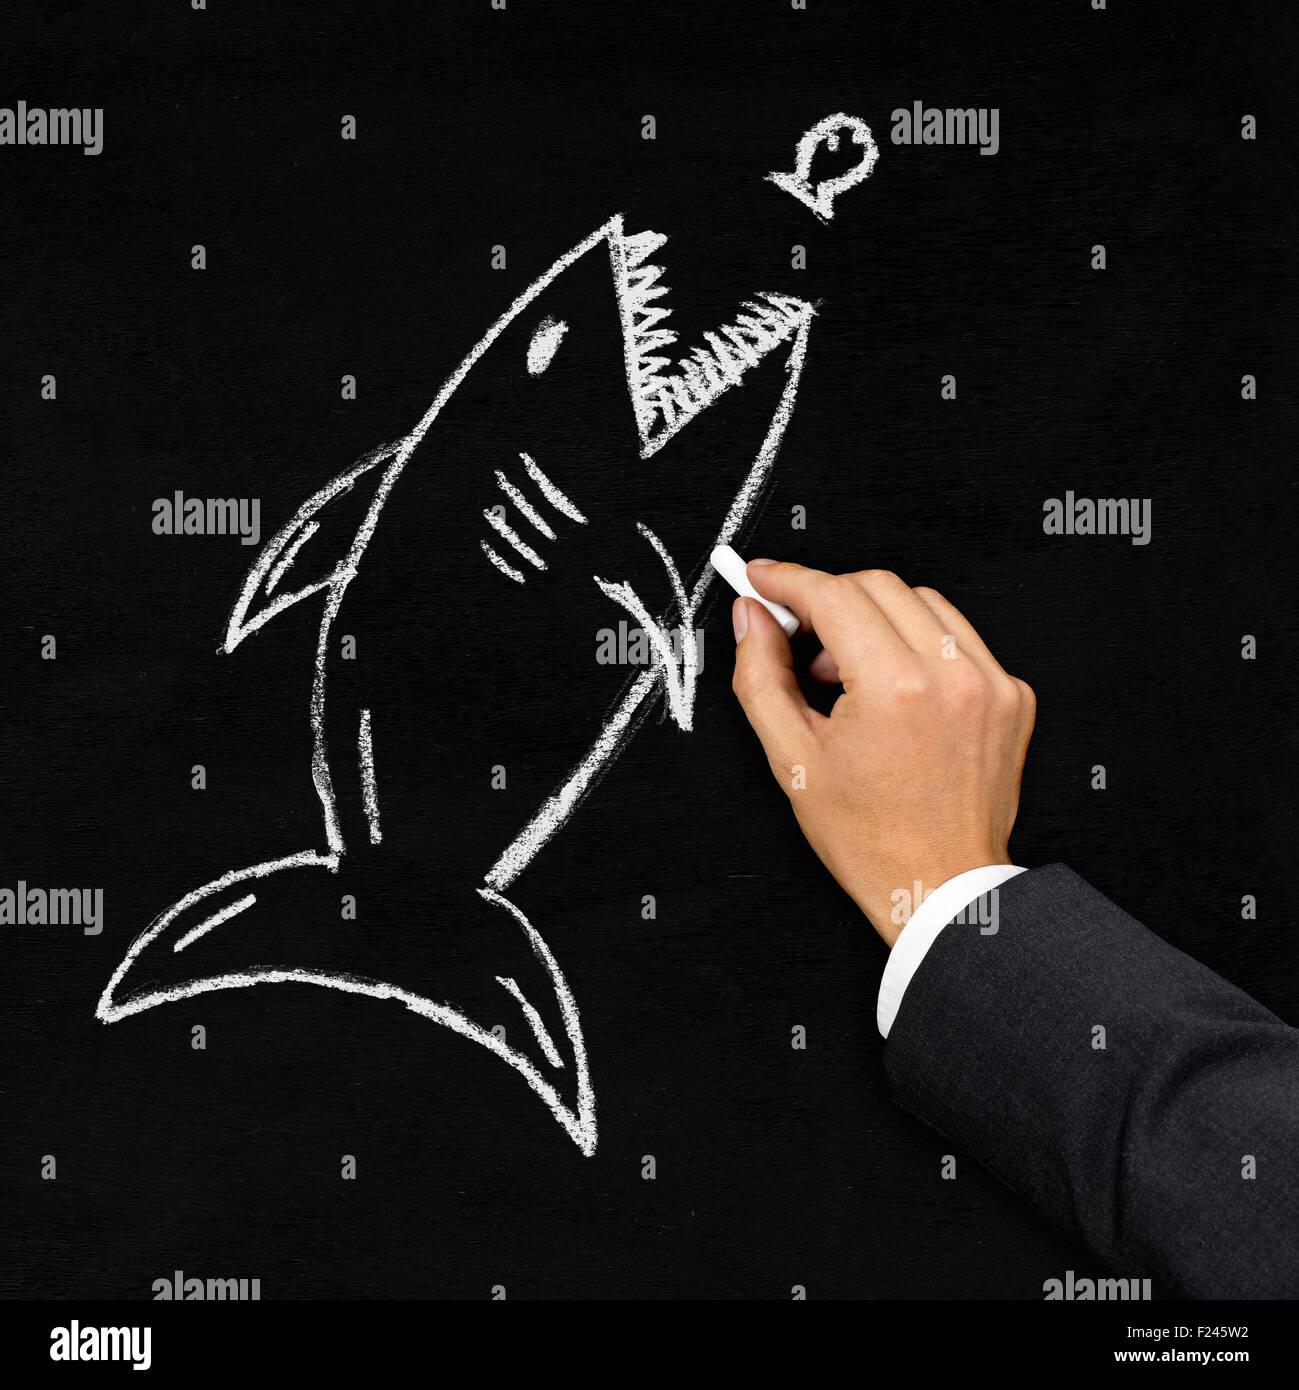 Empresario caza tiburón dibujo poco pescado con tiza en la pizarra - adquisición, el desafío o el Imagen De Stock